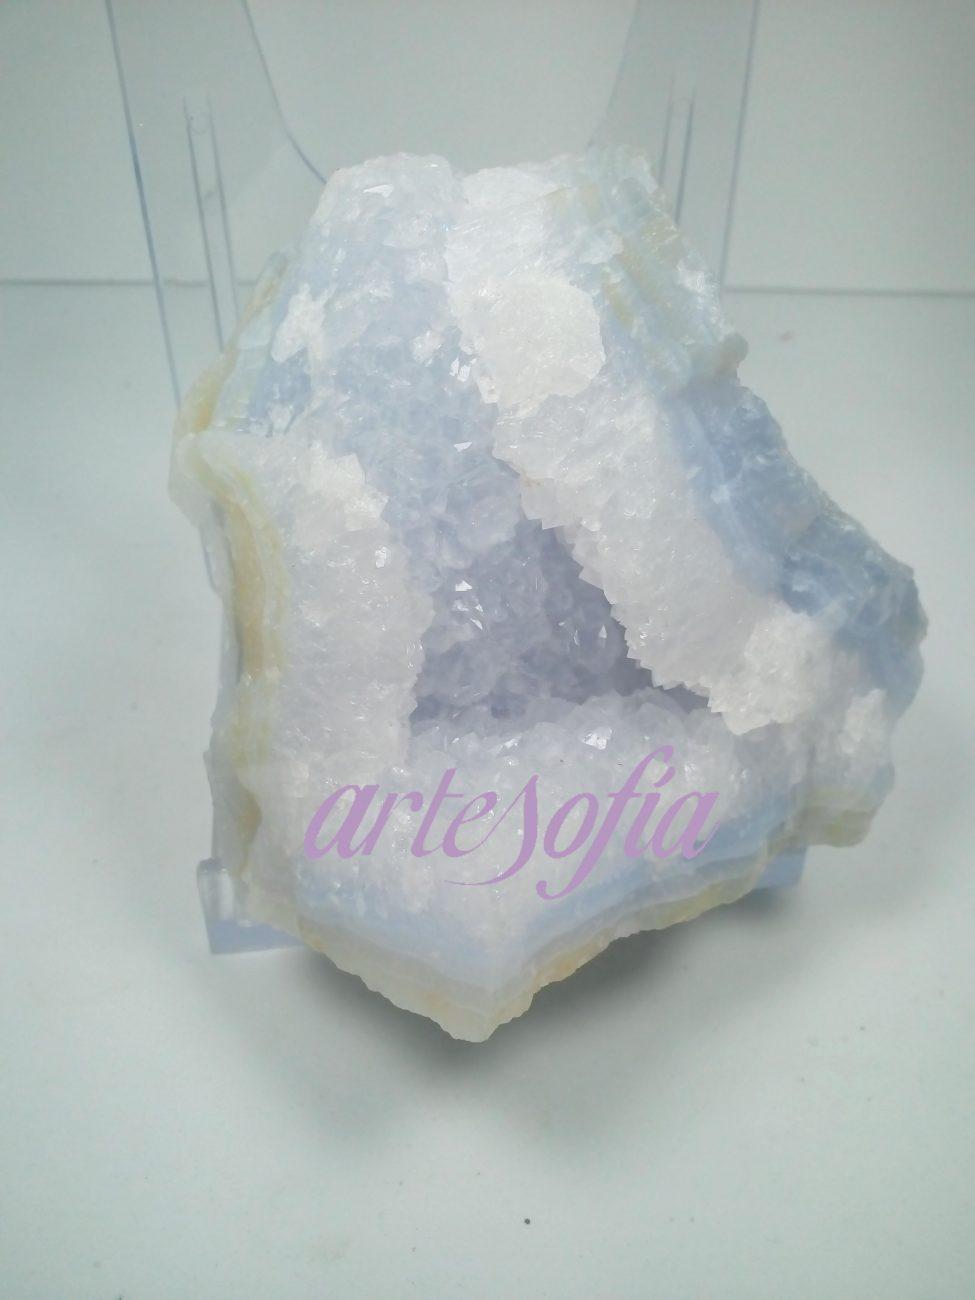 Calcedonia azul cristalizada. Artesofía.